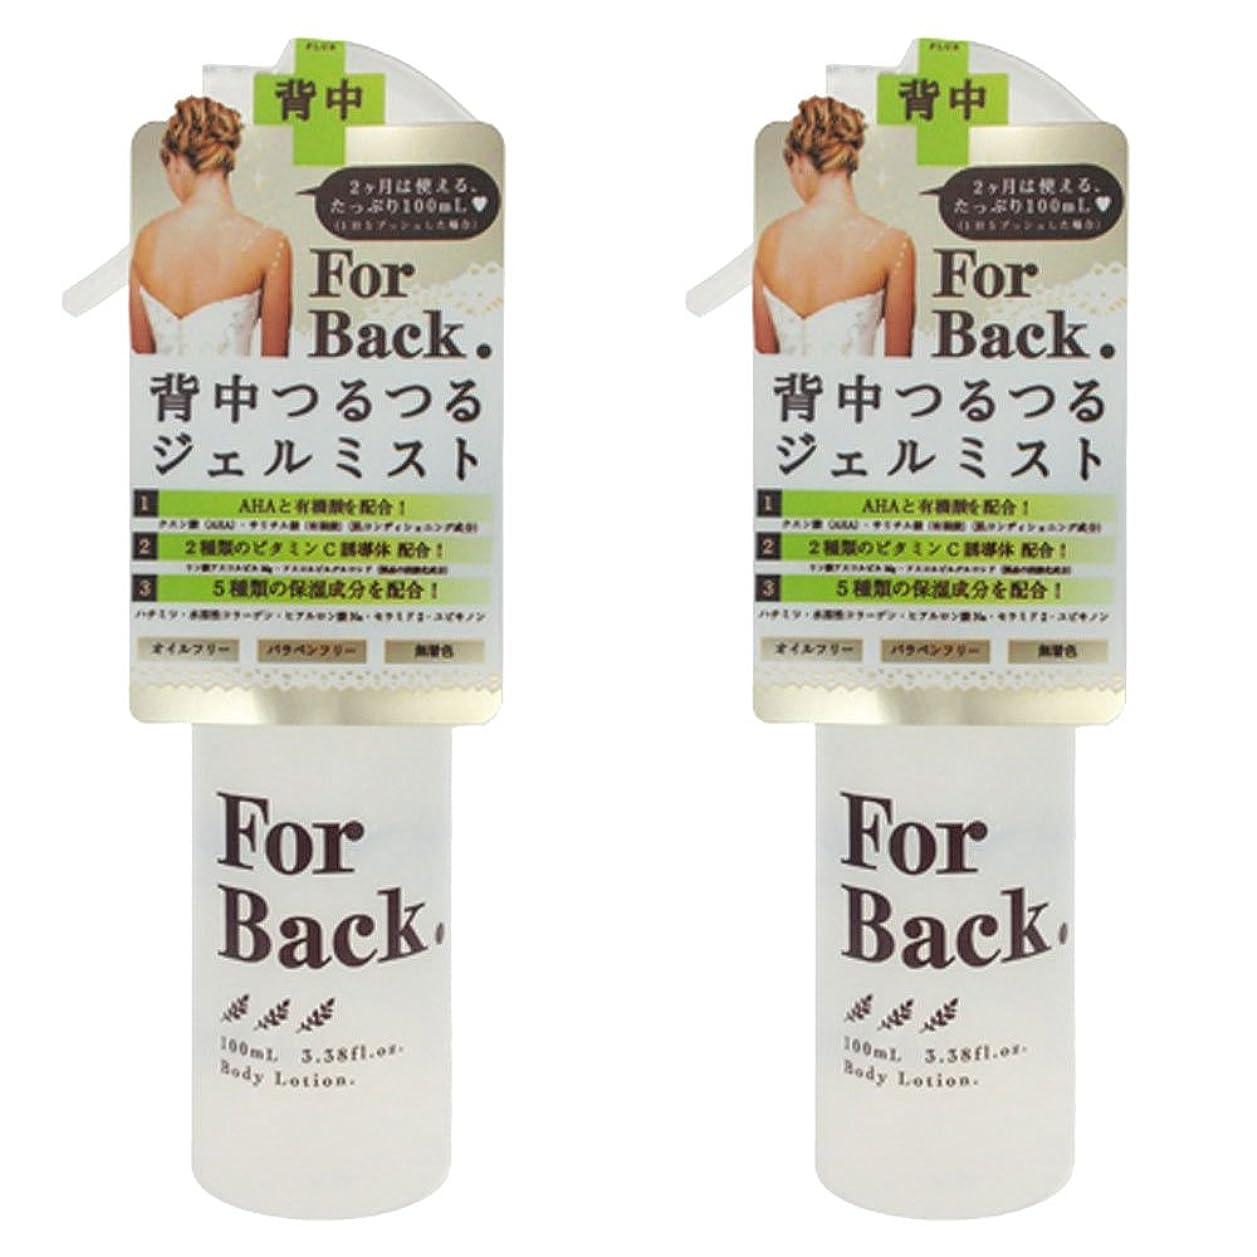 メイド面積小説【セット品】ForBack ジェルミスト 100ml ×2個